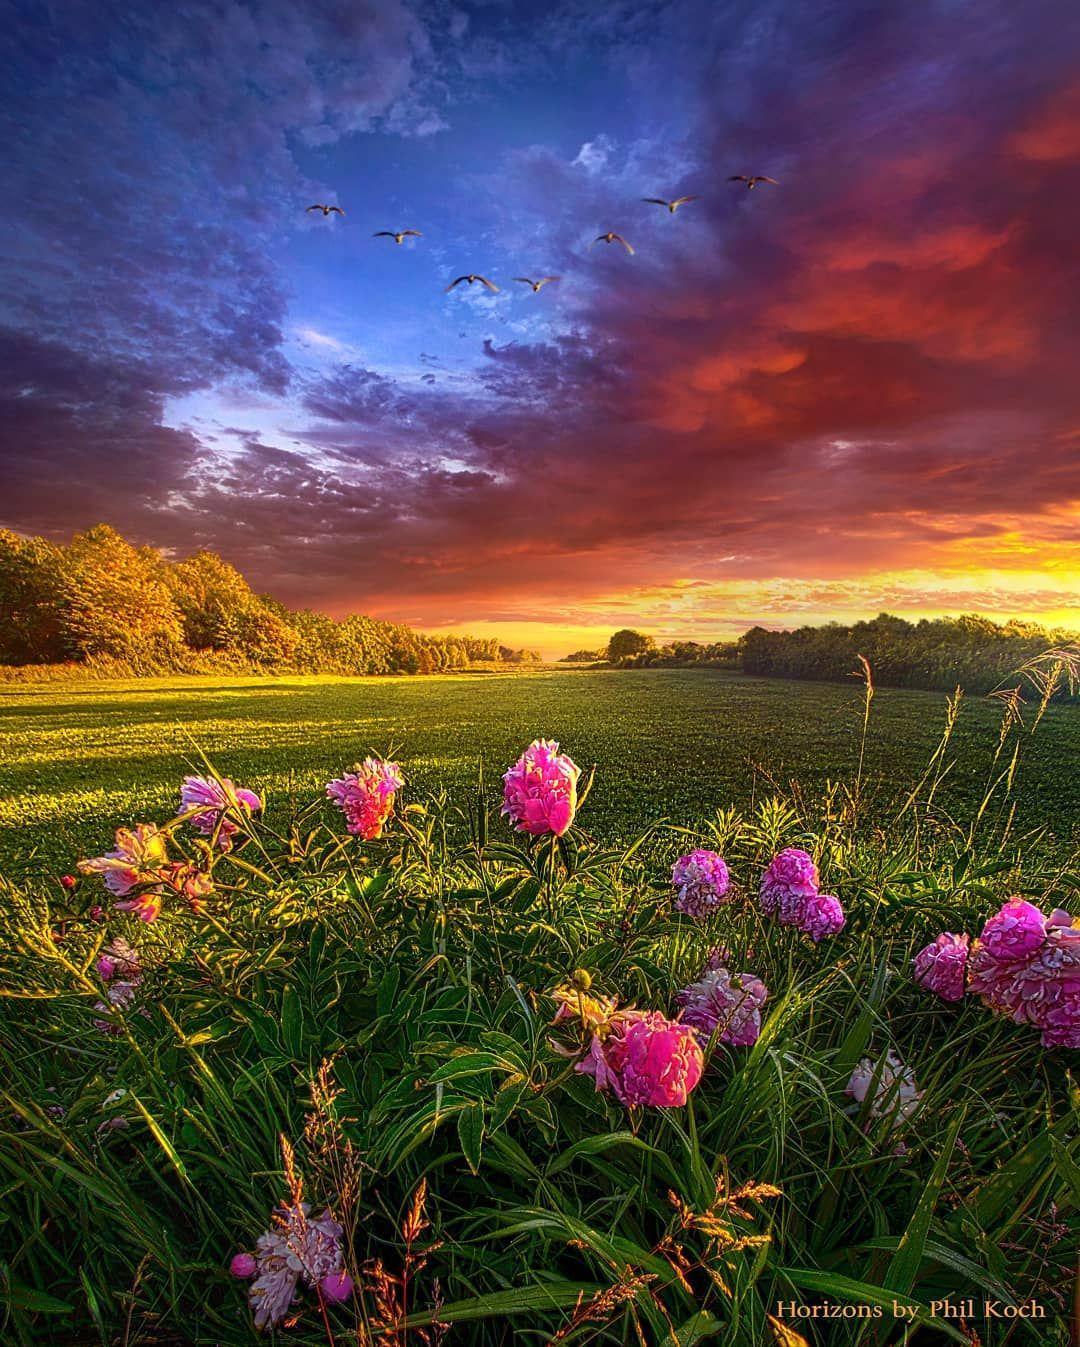 Phil Koch On Instagram Imagine No Limitations Wisconsin Horizons By Phil Koch Landsc Spring Landscape Photography Spring Landscape Nature Photography